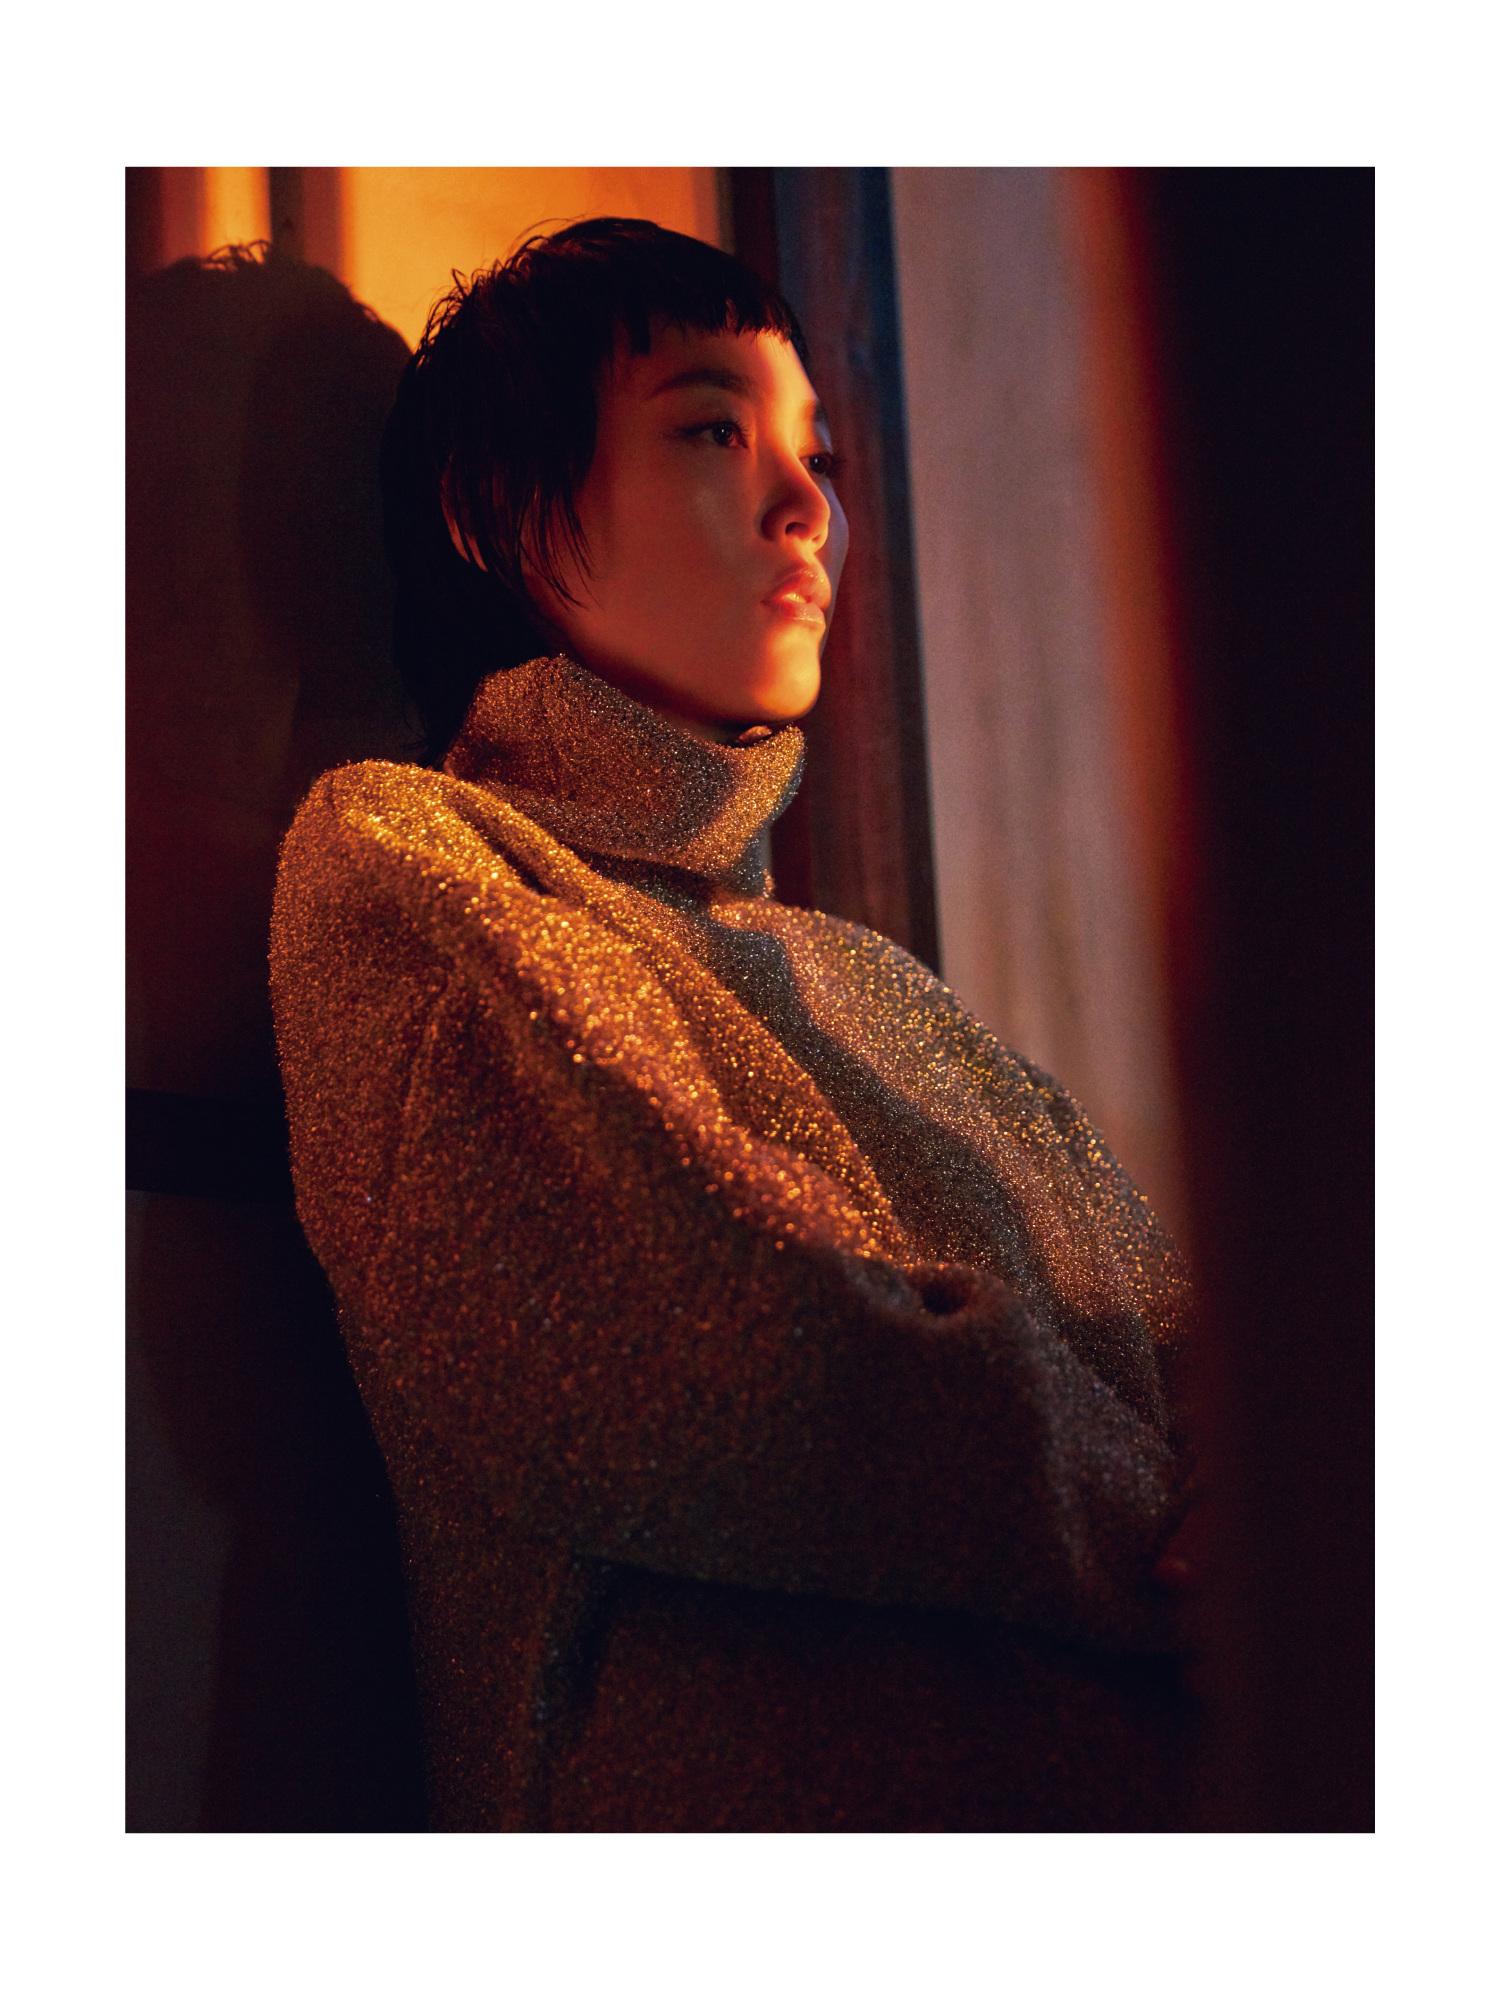 Rinko Kikuchi Madame Figaro Chine Jumbo Photographe